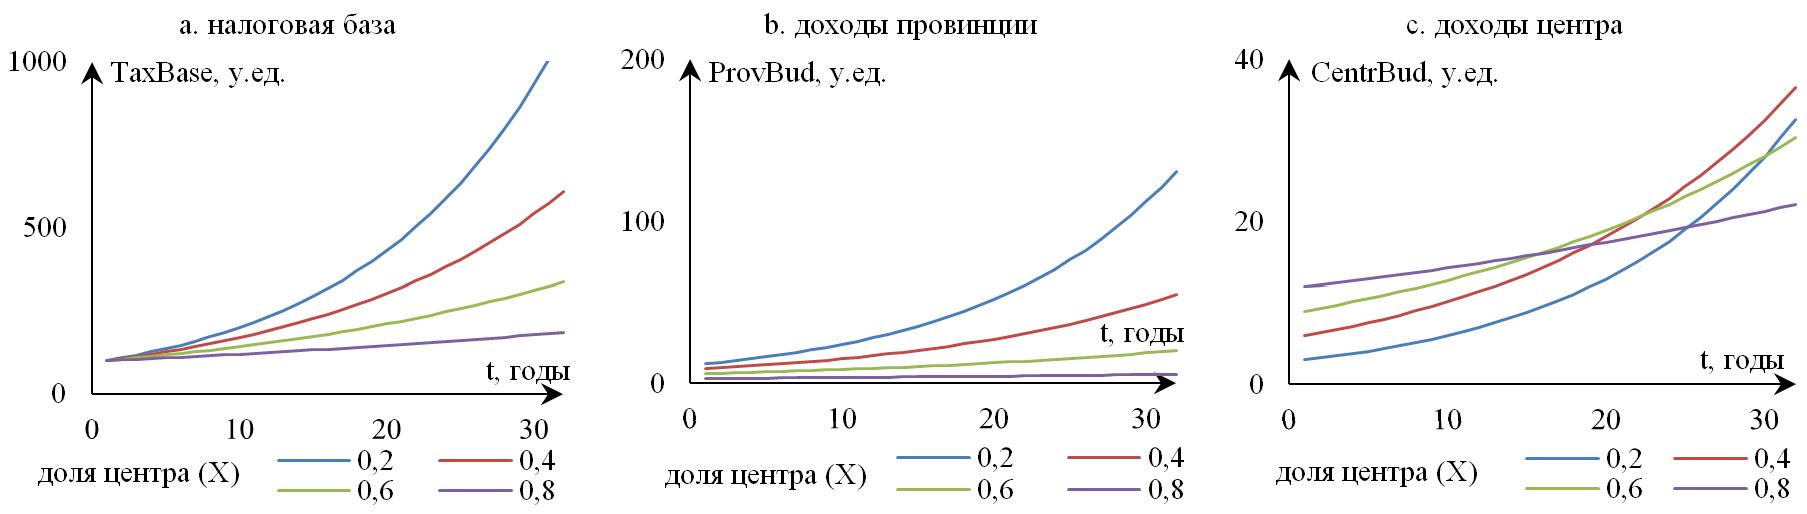 Рисунок 8. Динамика параметров фискальной системы при реализации схемы i (при условии постоянства чувствительности налоговой базы к фискальному стимулу)